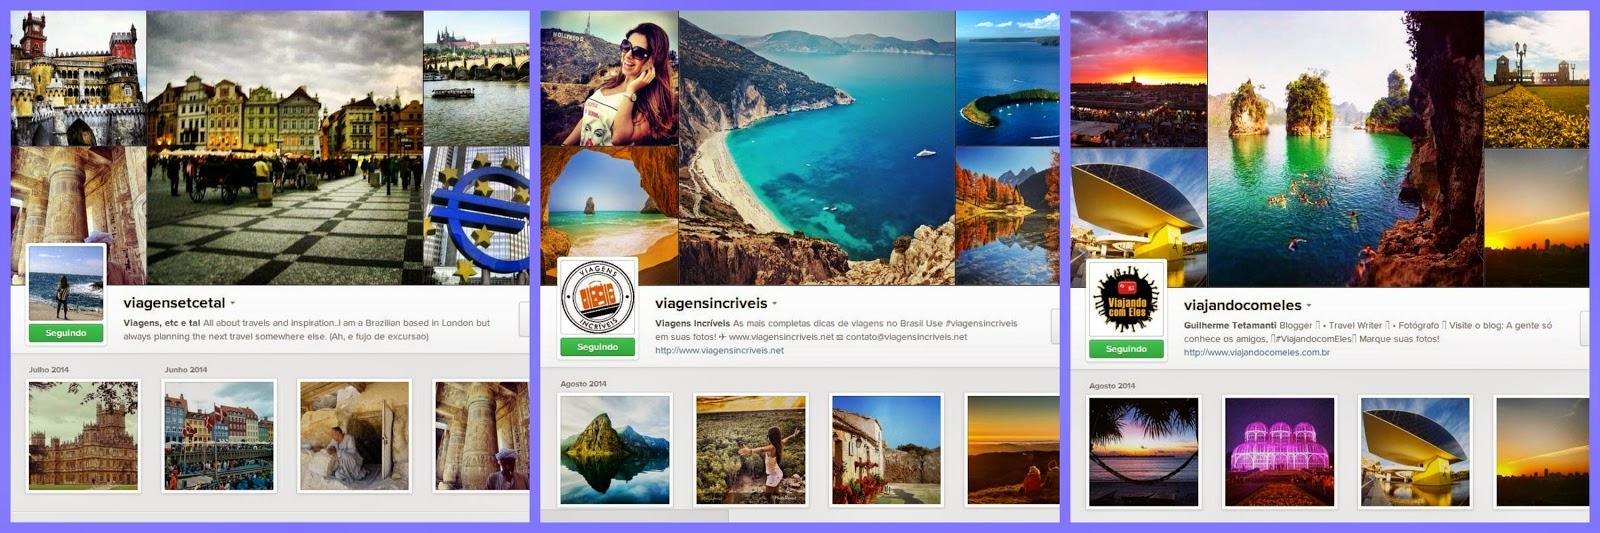 Perfis de instagram recomendados